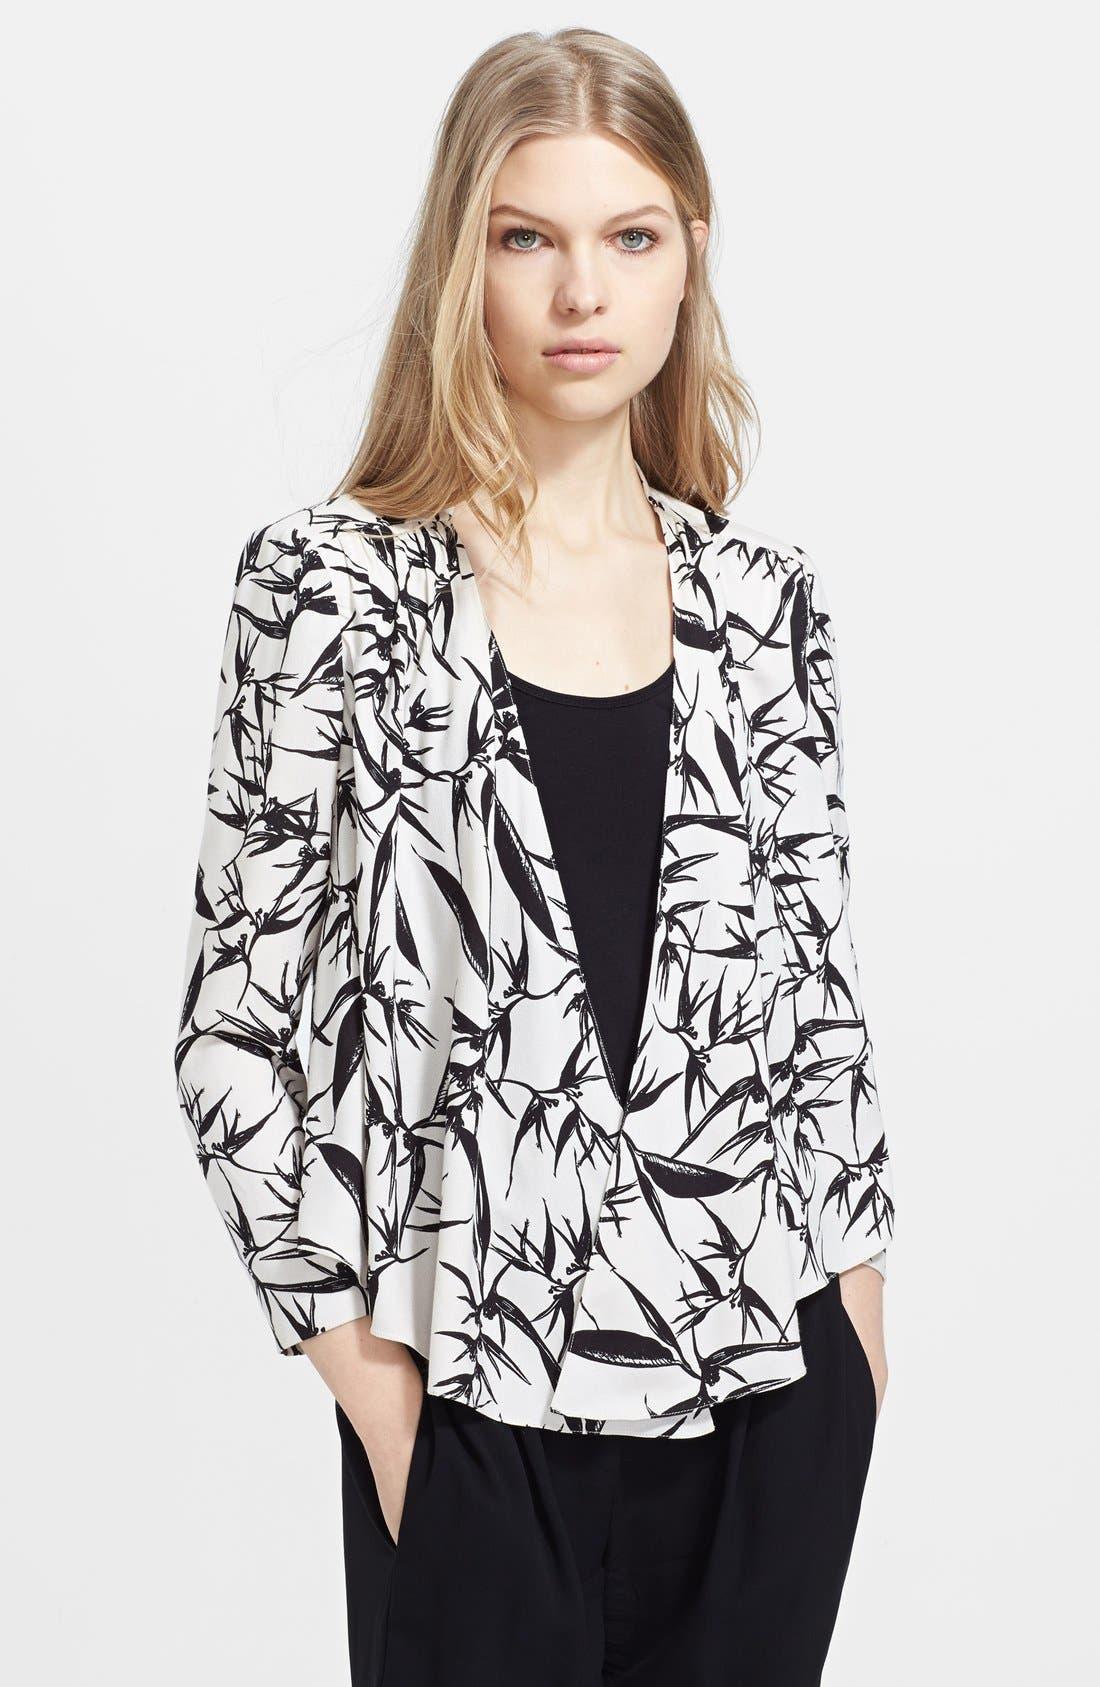 Alternate Image 1 Selected - Alice + Olivia 'Vanna' Print Drape Jacket